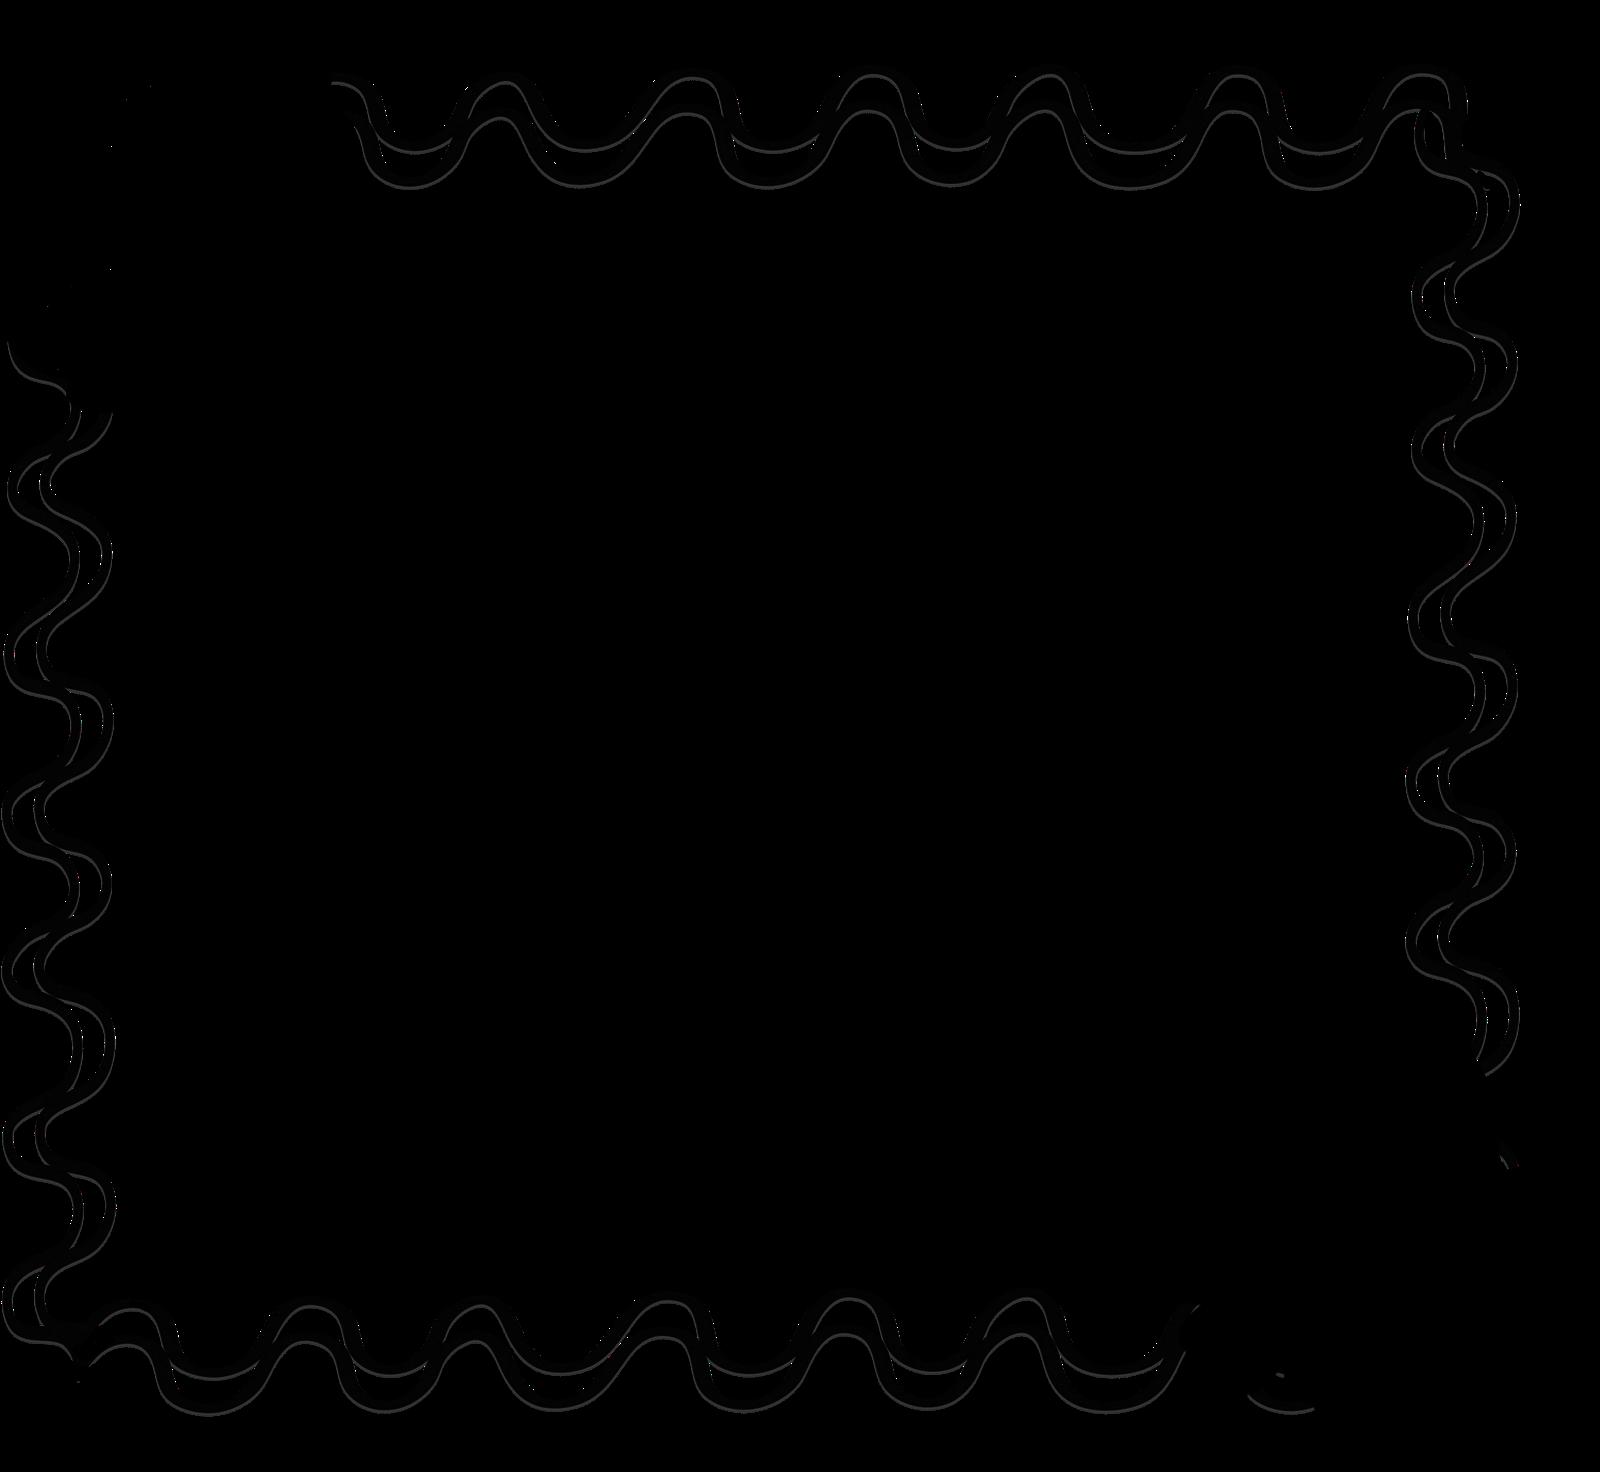 1600x1472 Knumathise Rose Border Clipart Black And White Images